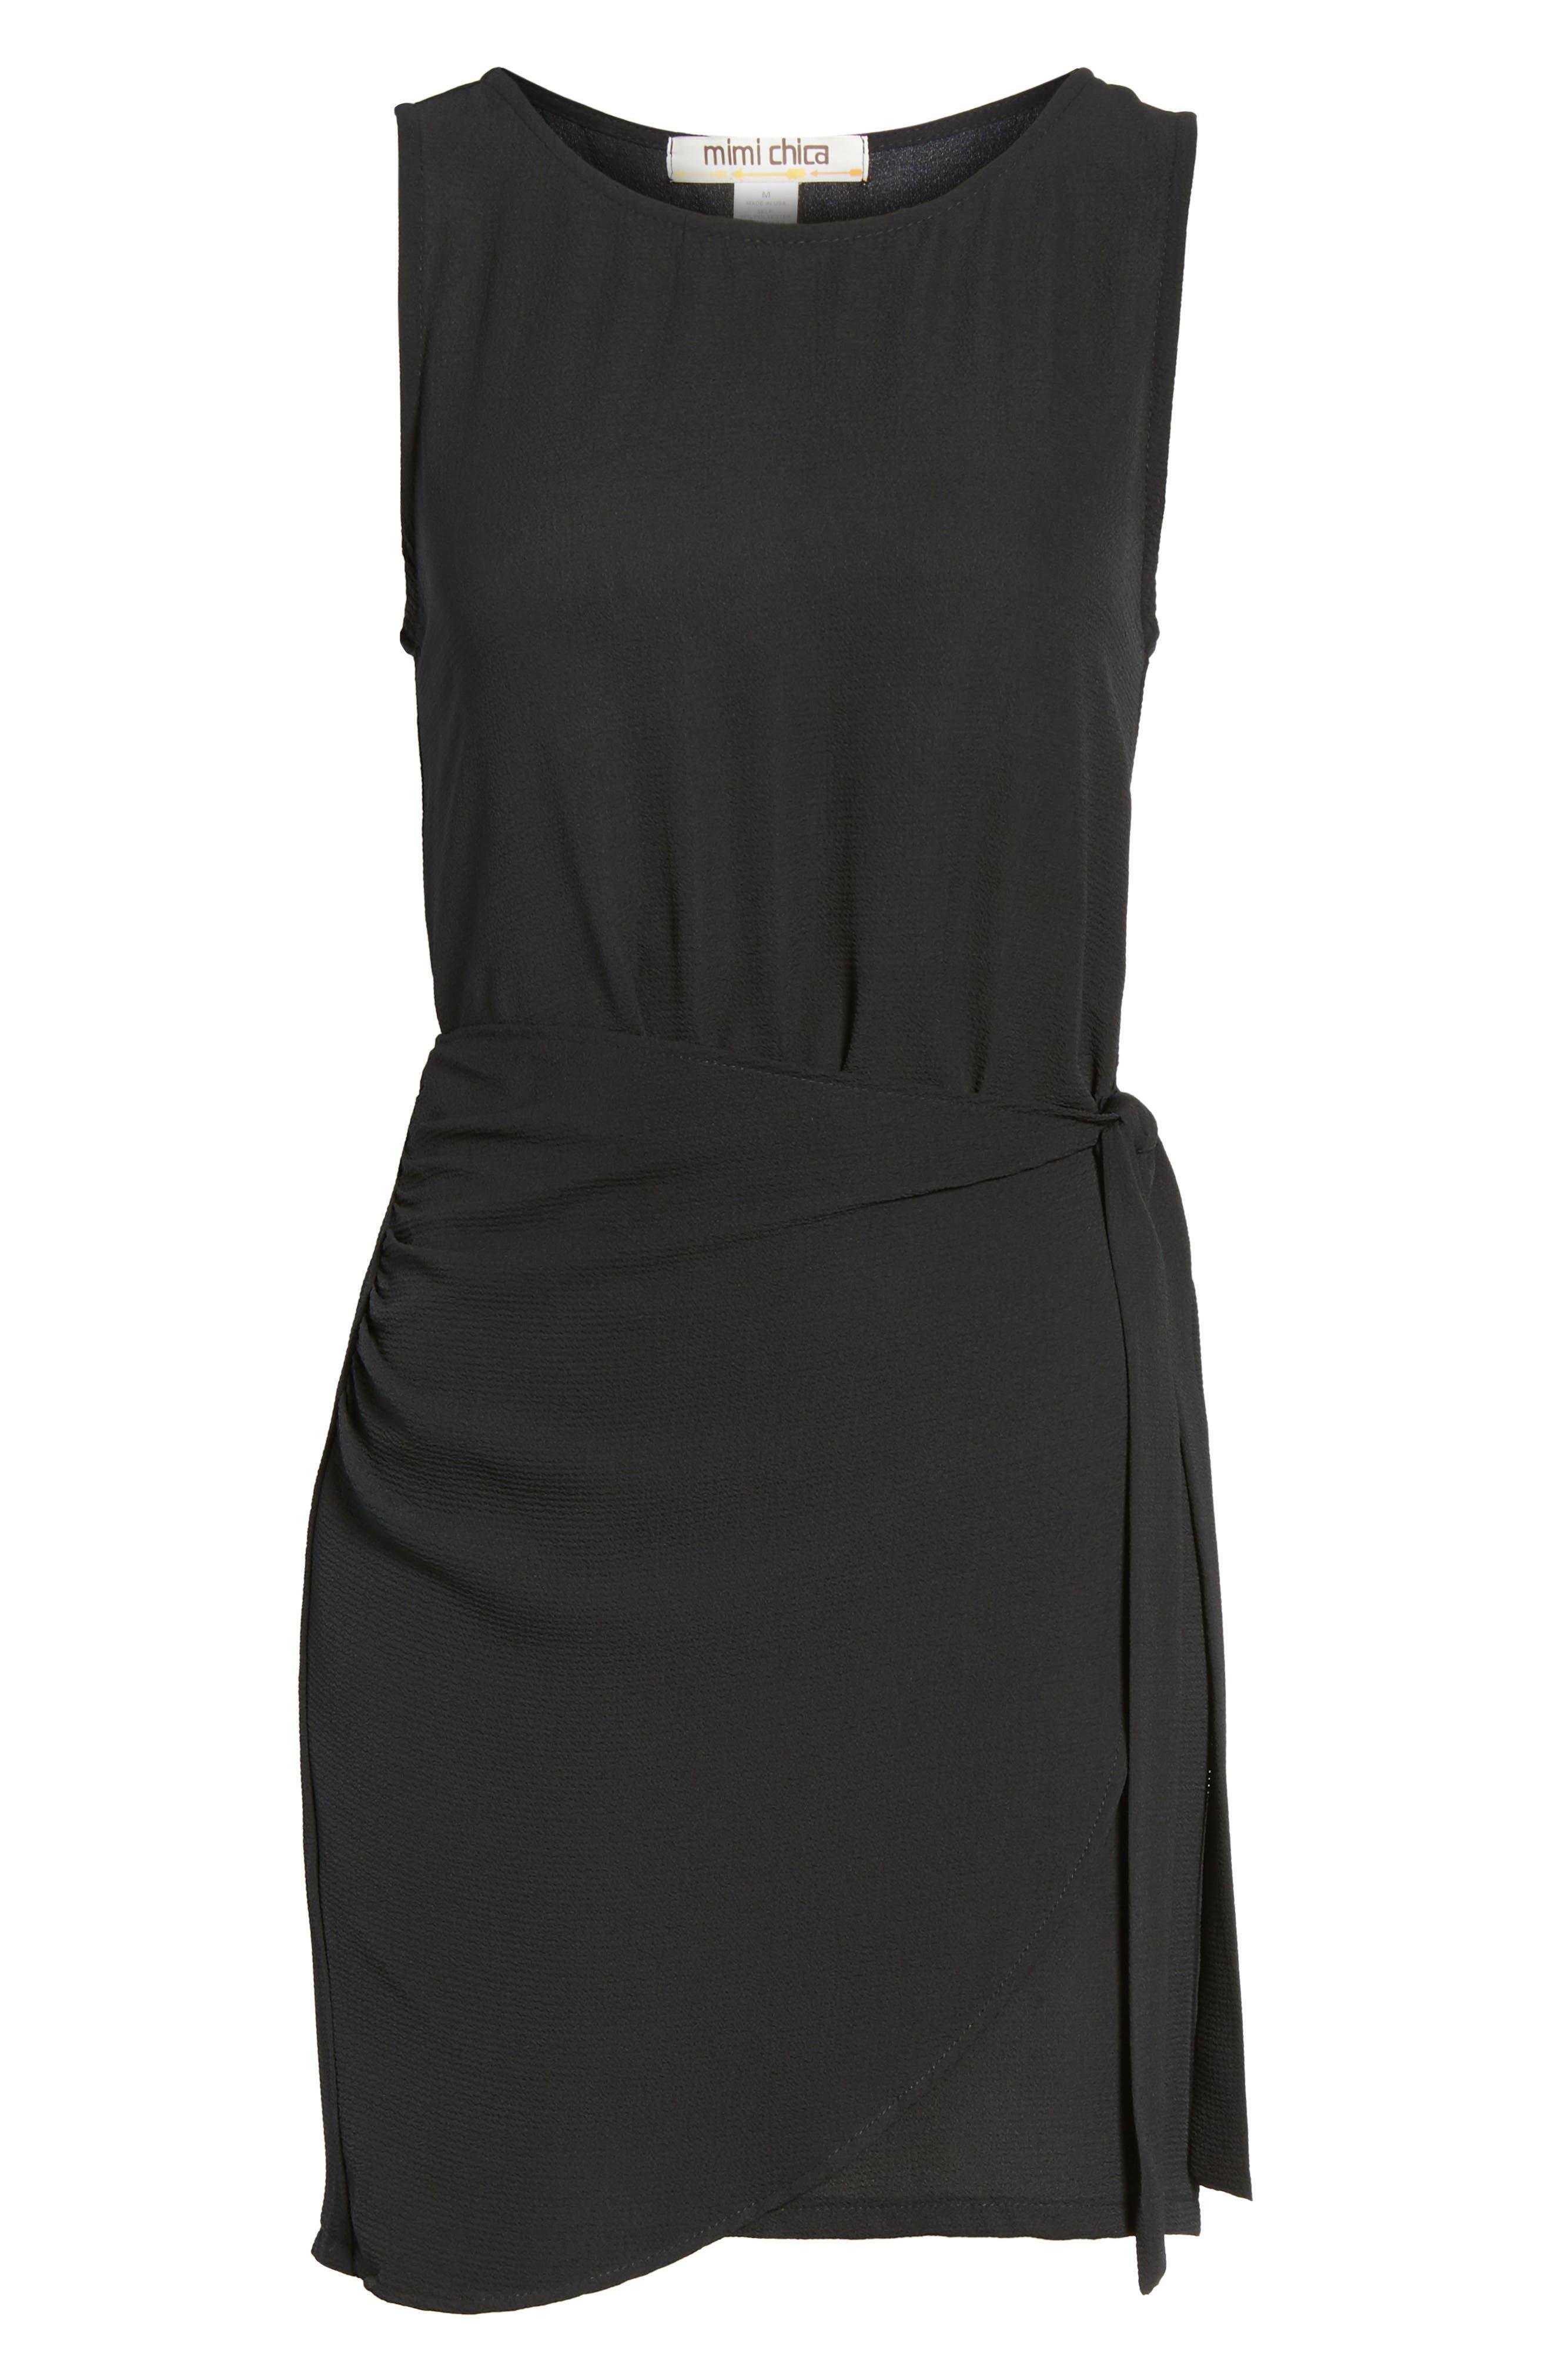 Wrap Skirt Dress,                             Alternate thumbnail 6, color,                             001